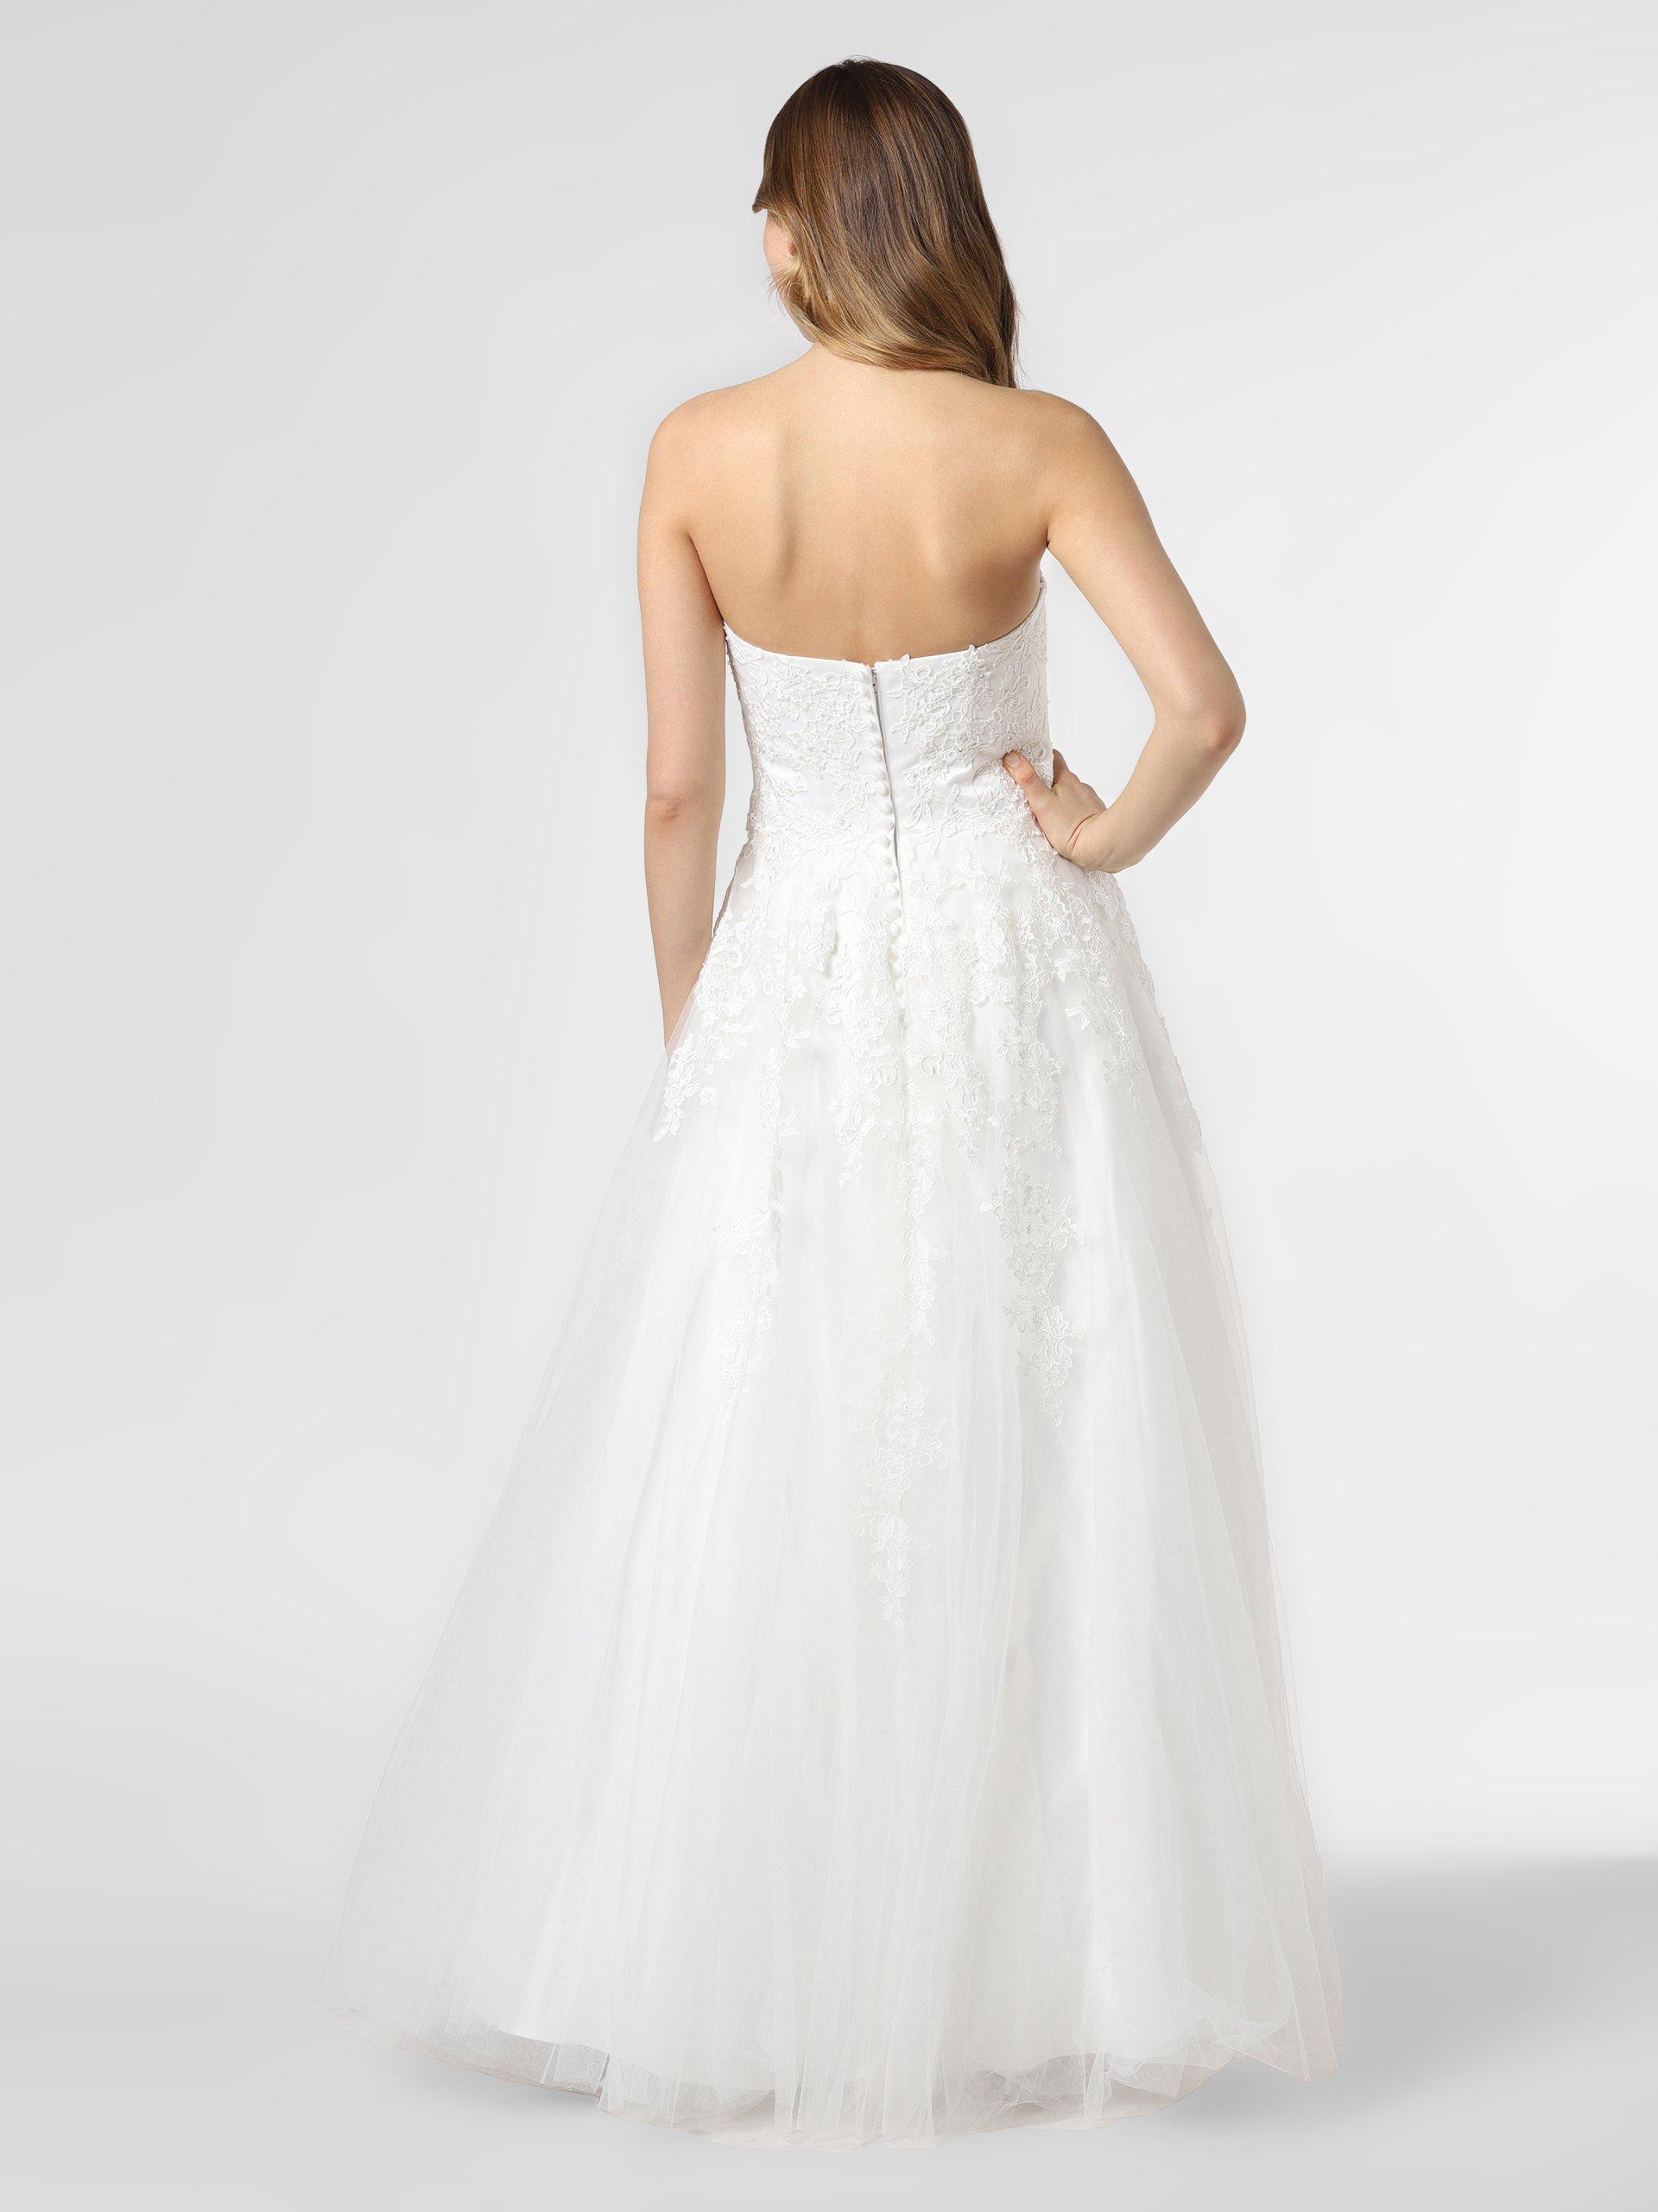 Luxuar Fashion Damska suknia ślubna z etolą